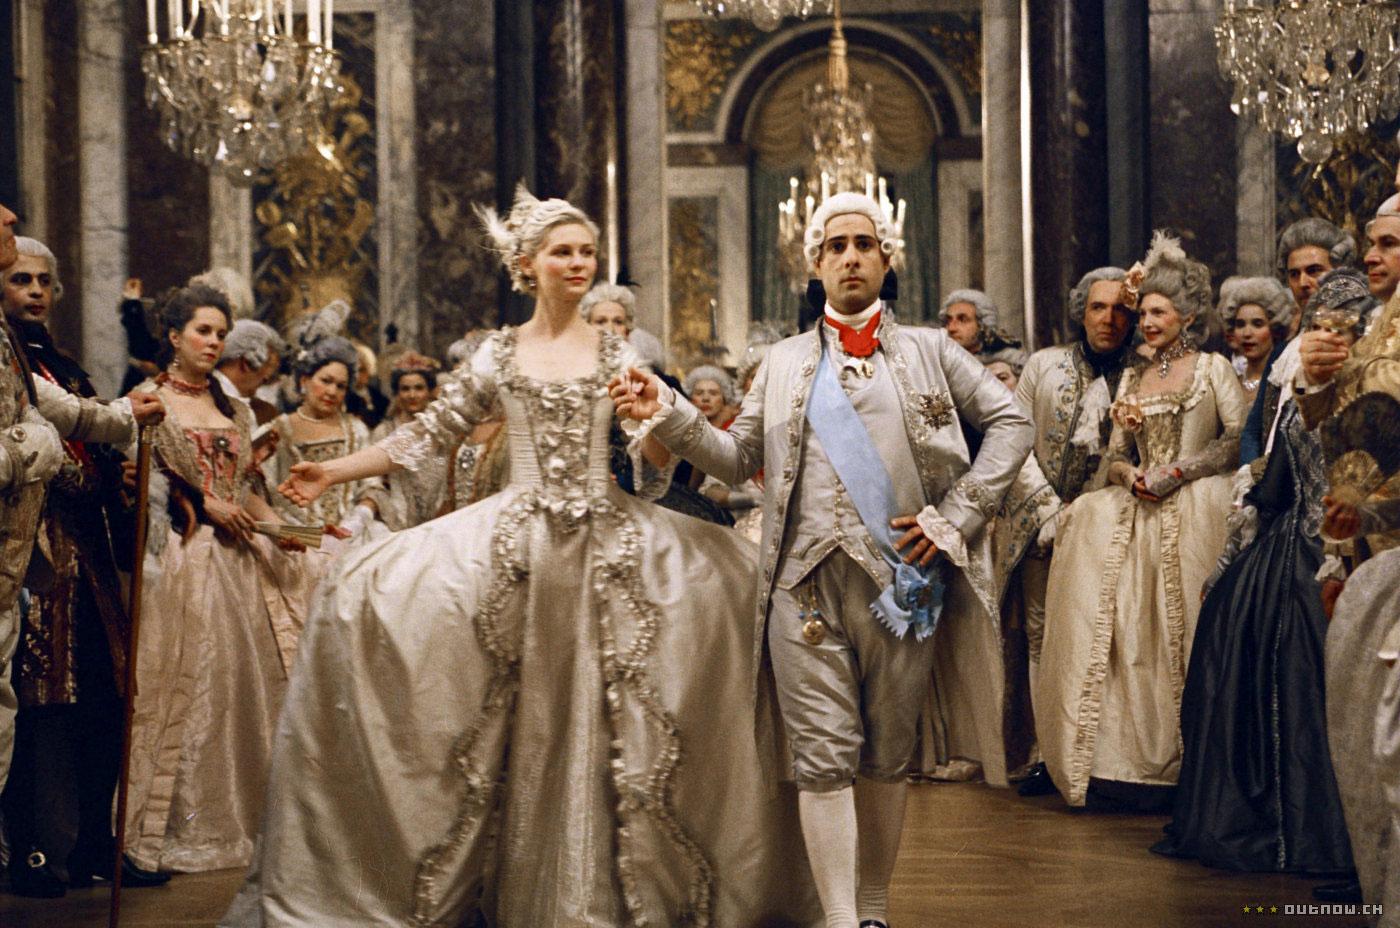 marie-antoinette-wedding-dance.jpg